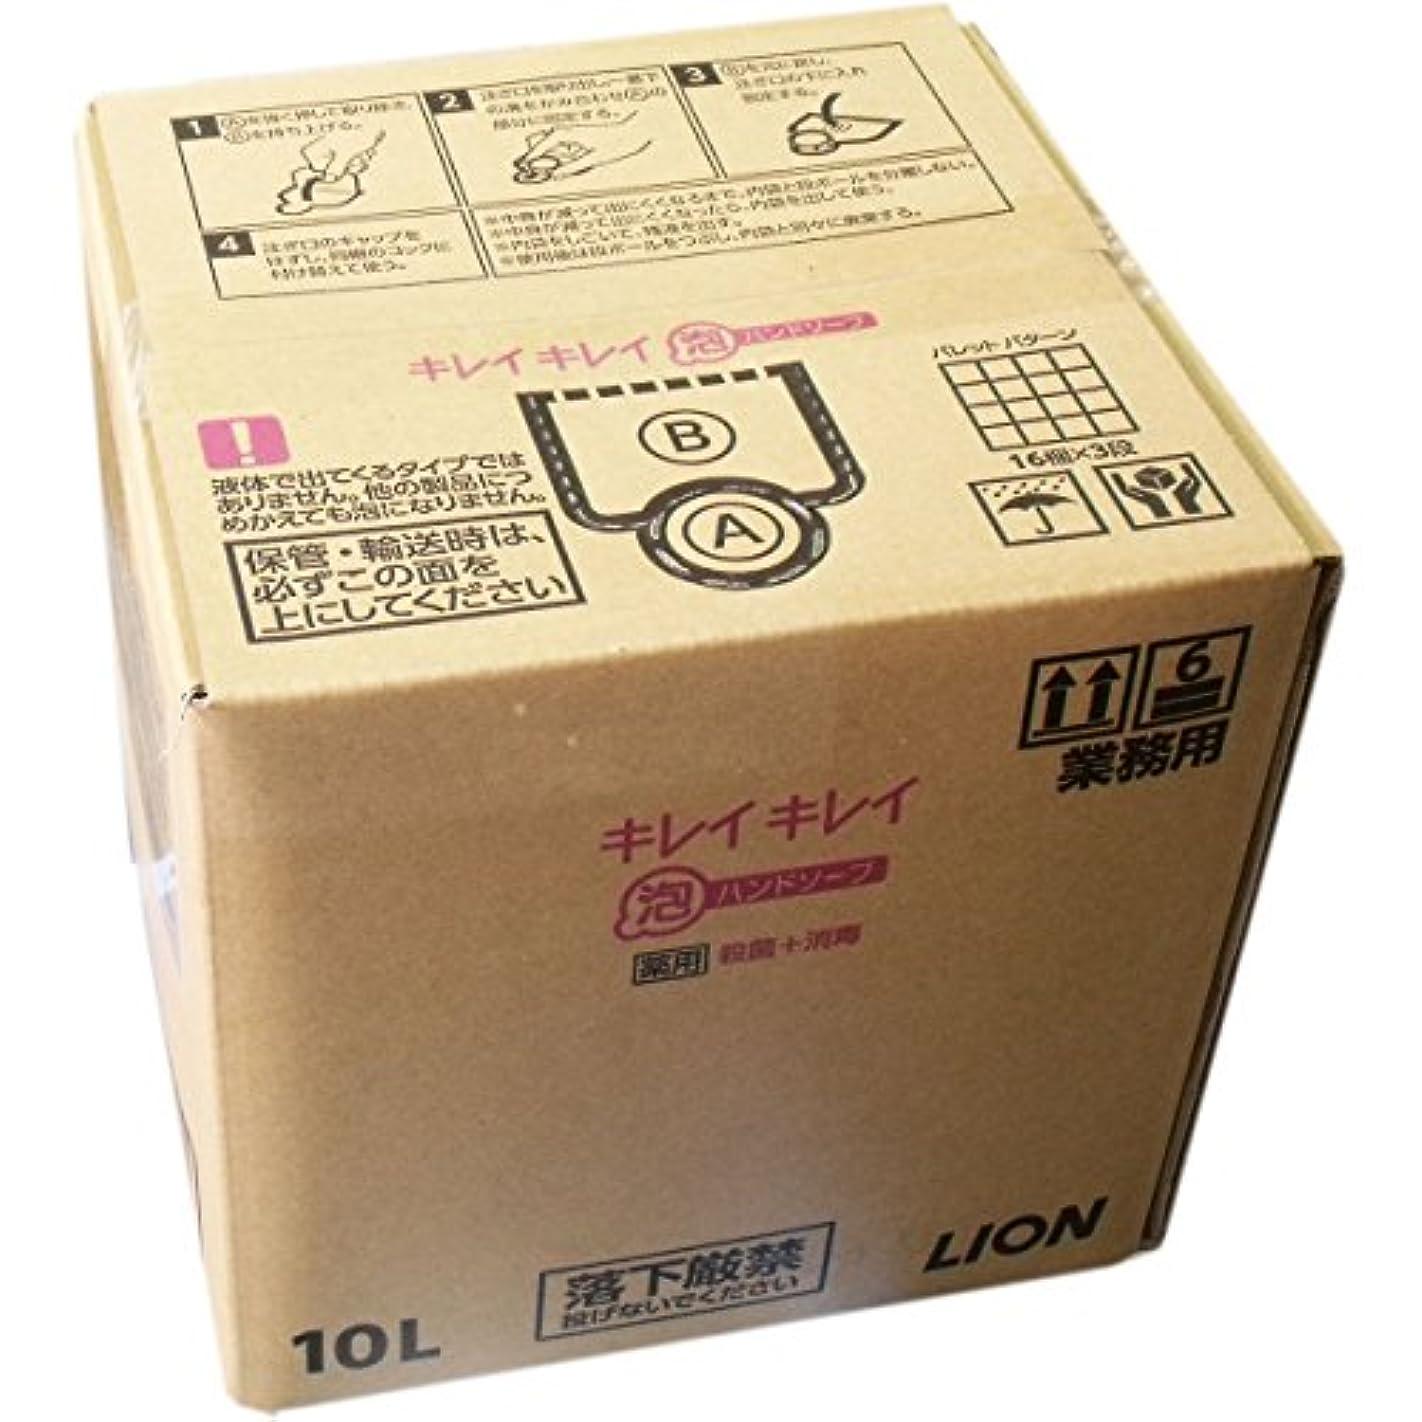 高さ下向き補足ライオン 業務用キレイキレイ 薬用泡ハンドソープ 10L